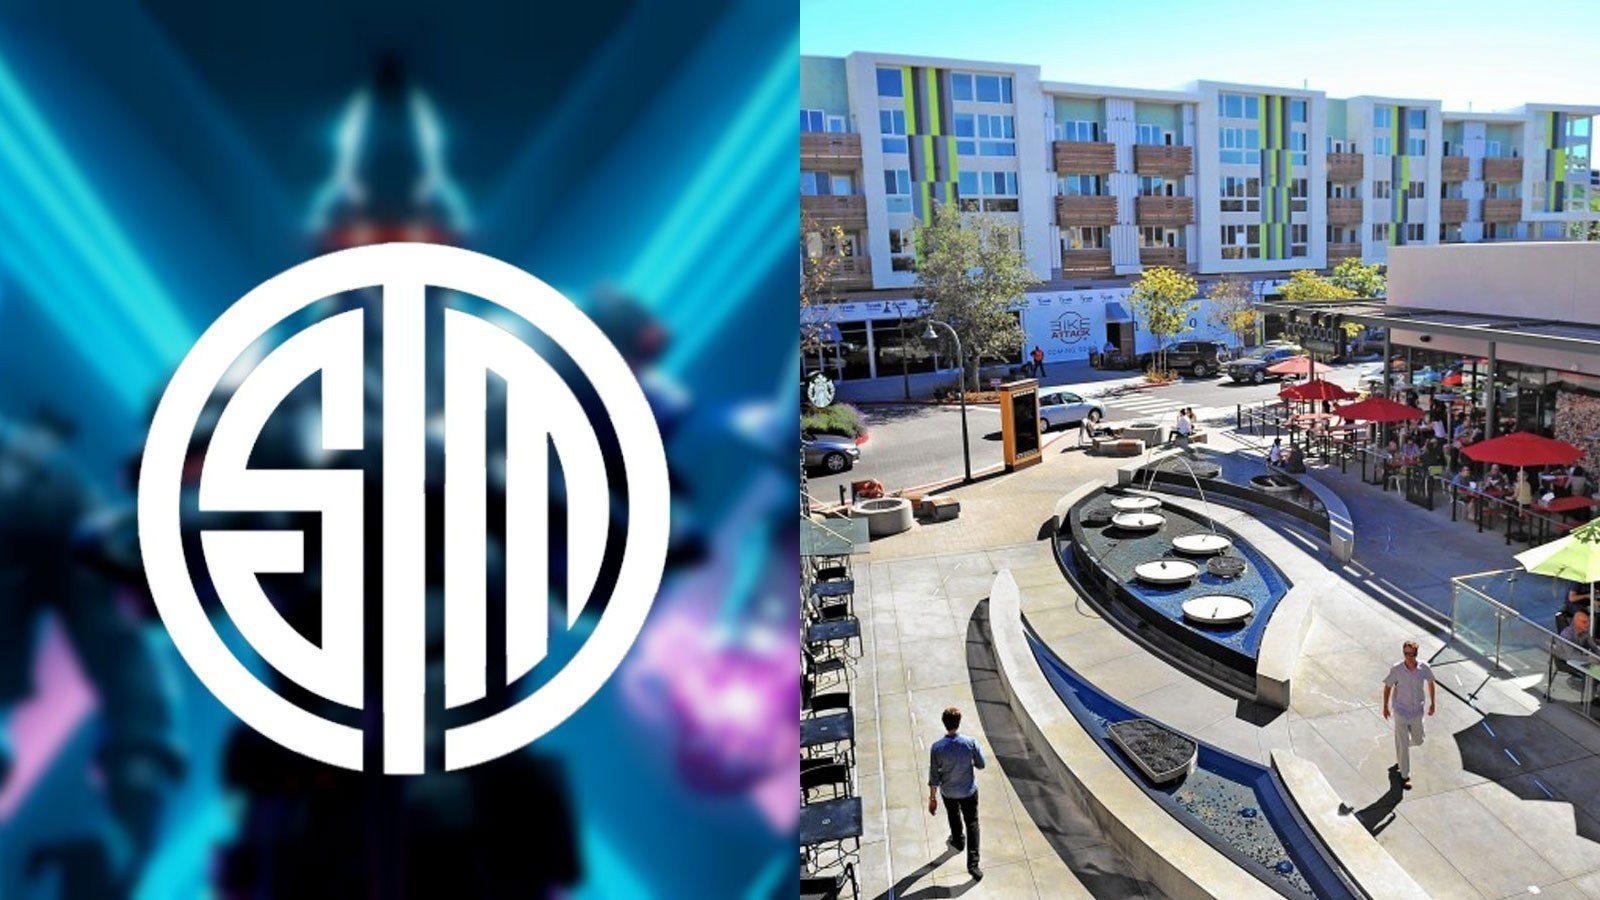 Команда SoloMid показывает фотографии учебного центра стоимостью 13 миллионов долларов в Лос-Анджелесе - Fortnite вентиляторы